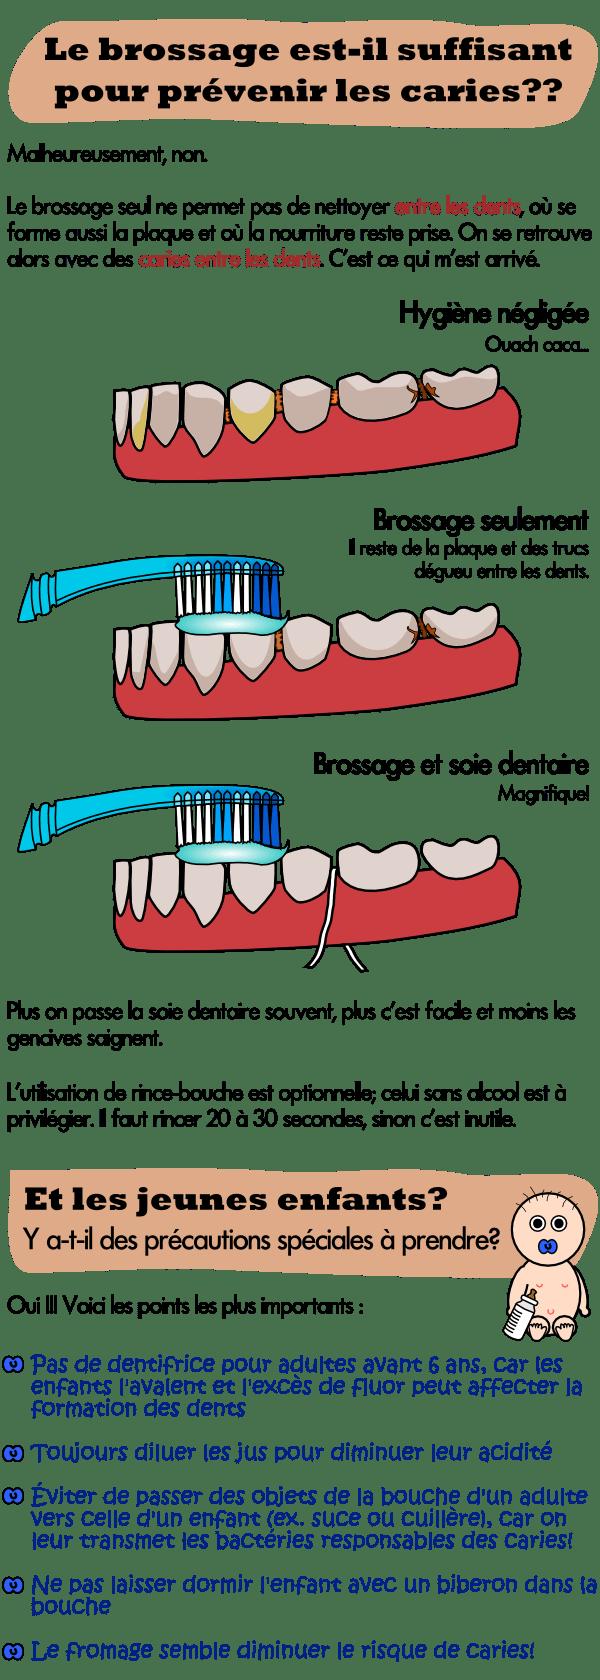 Brossage , soie dentaire , rince-bouche , fluor et hygiène dentaire chez les enfants